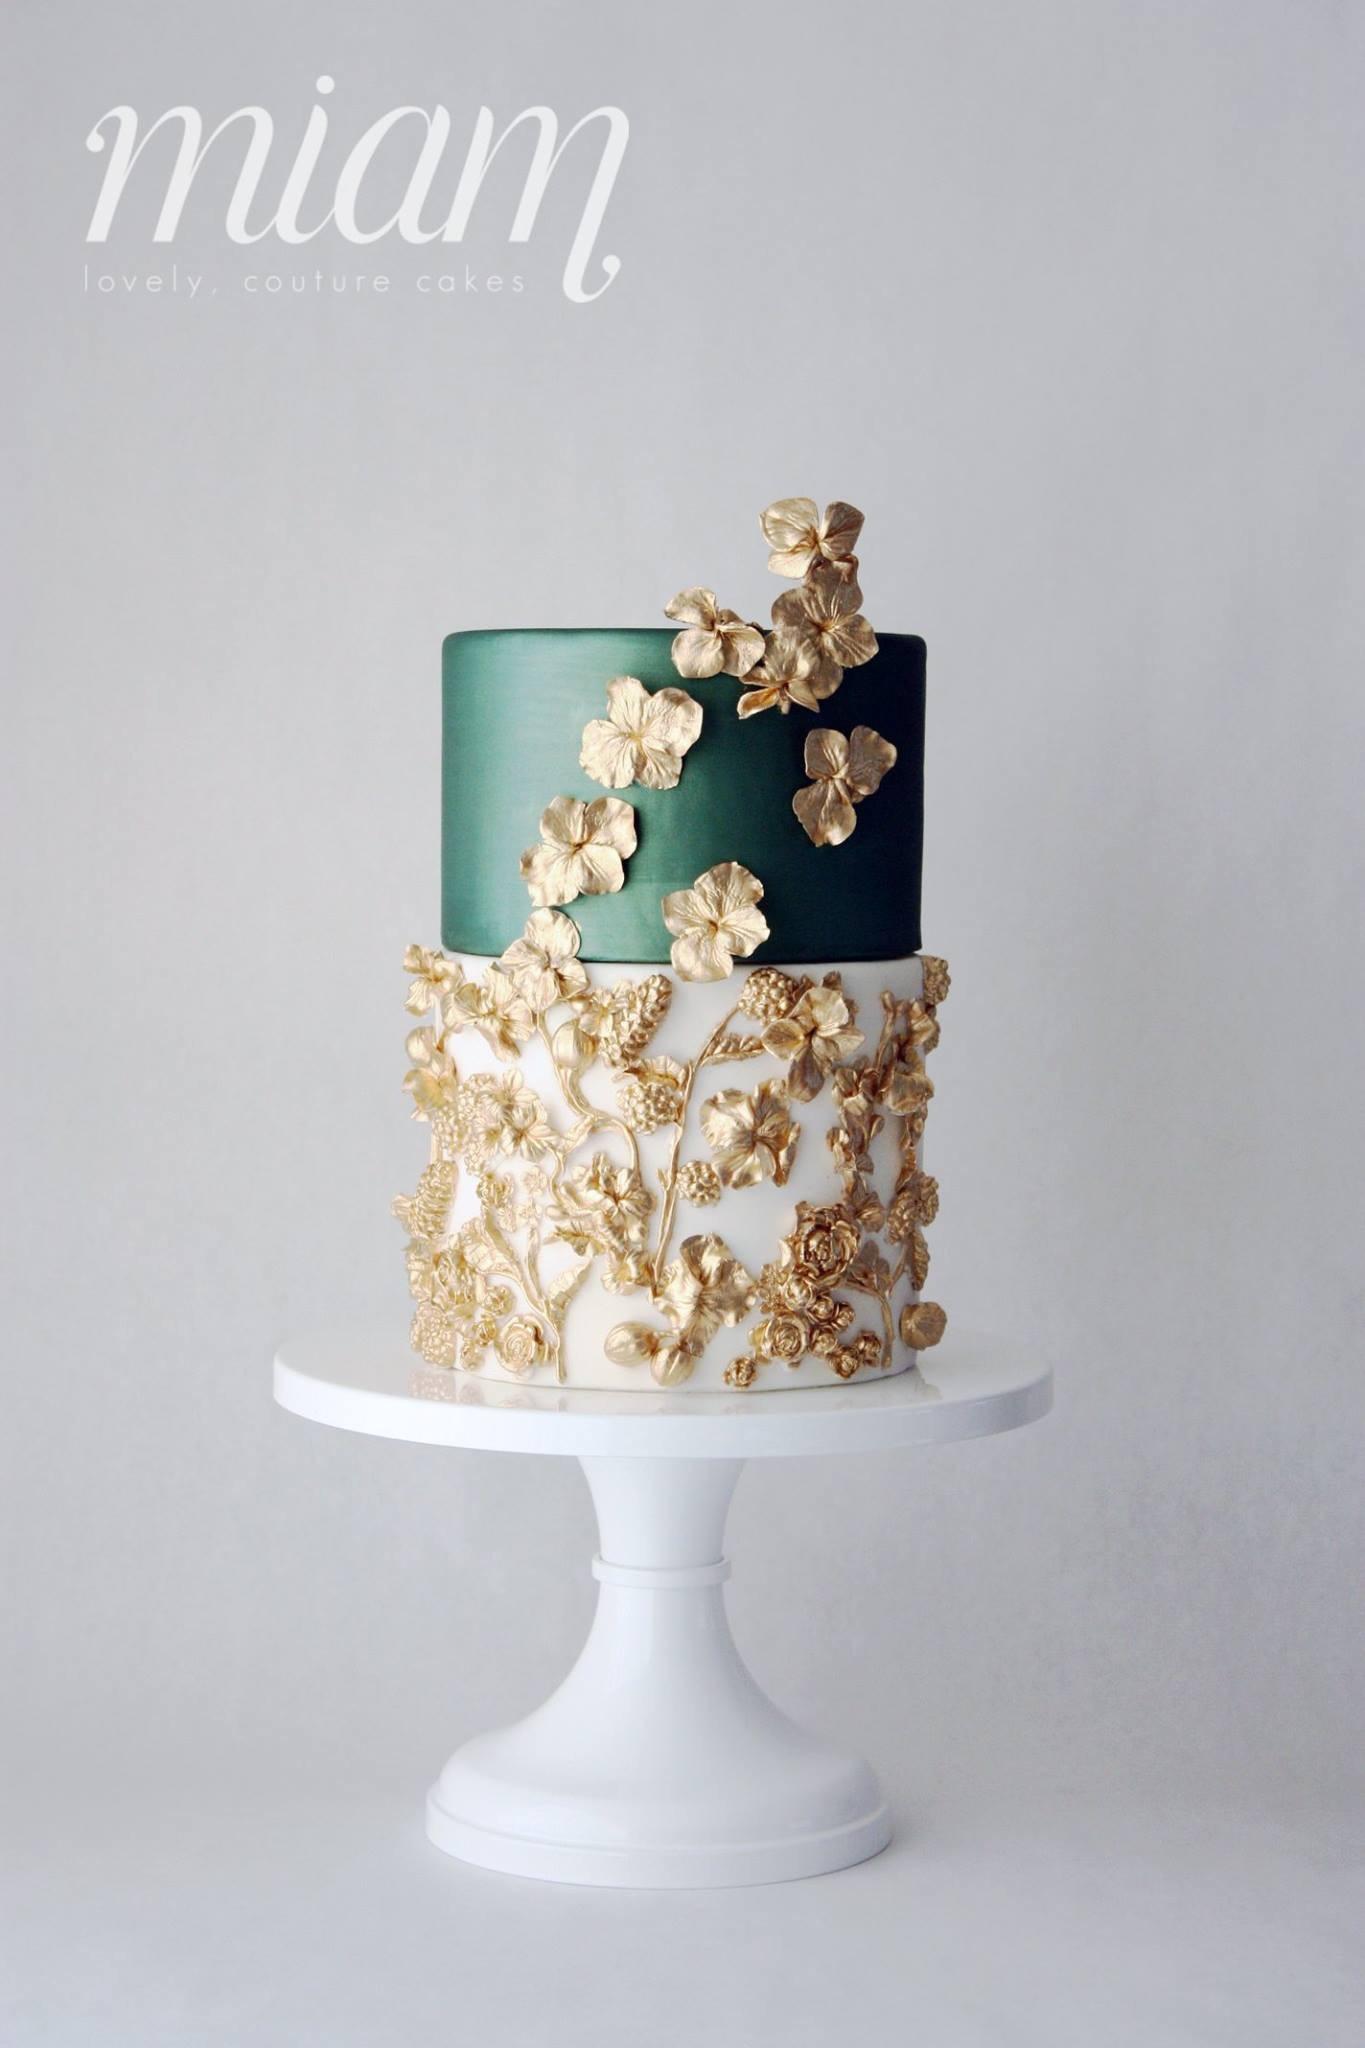 Scarlett-Kilzer-Miam-Cake-Wedding-Elegant-0.JPG#asset:14034